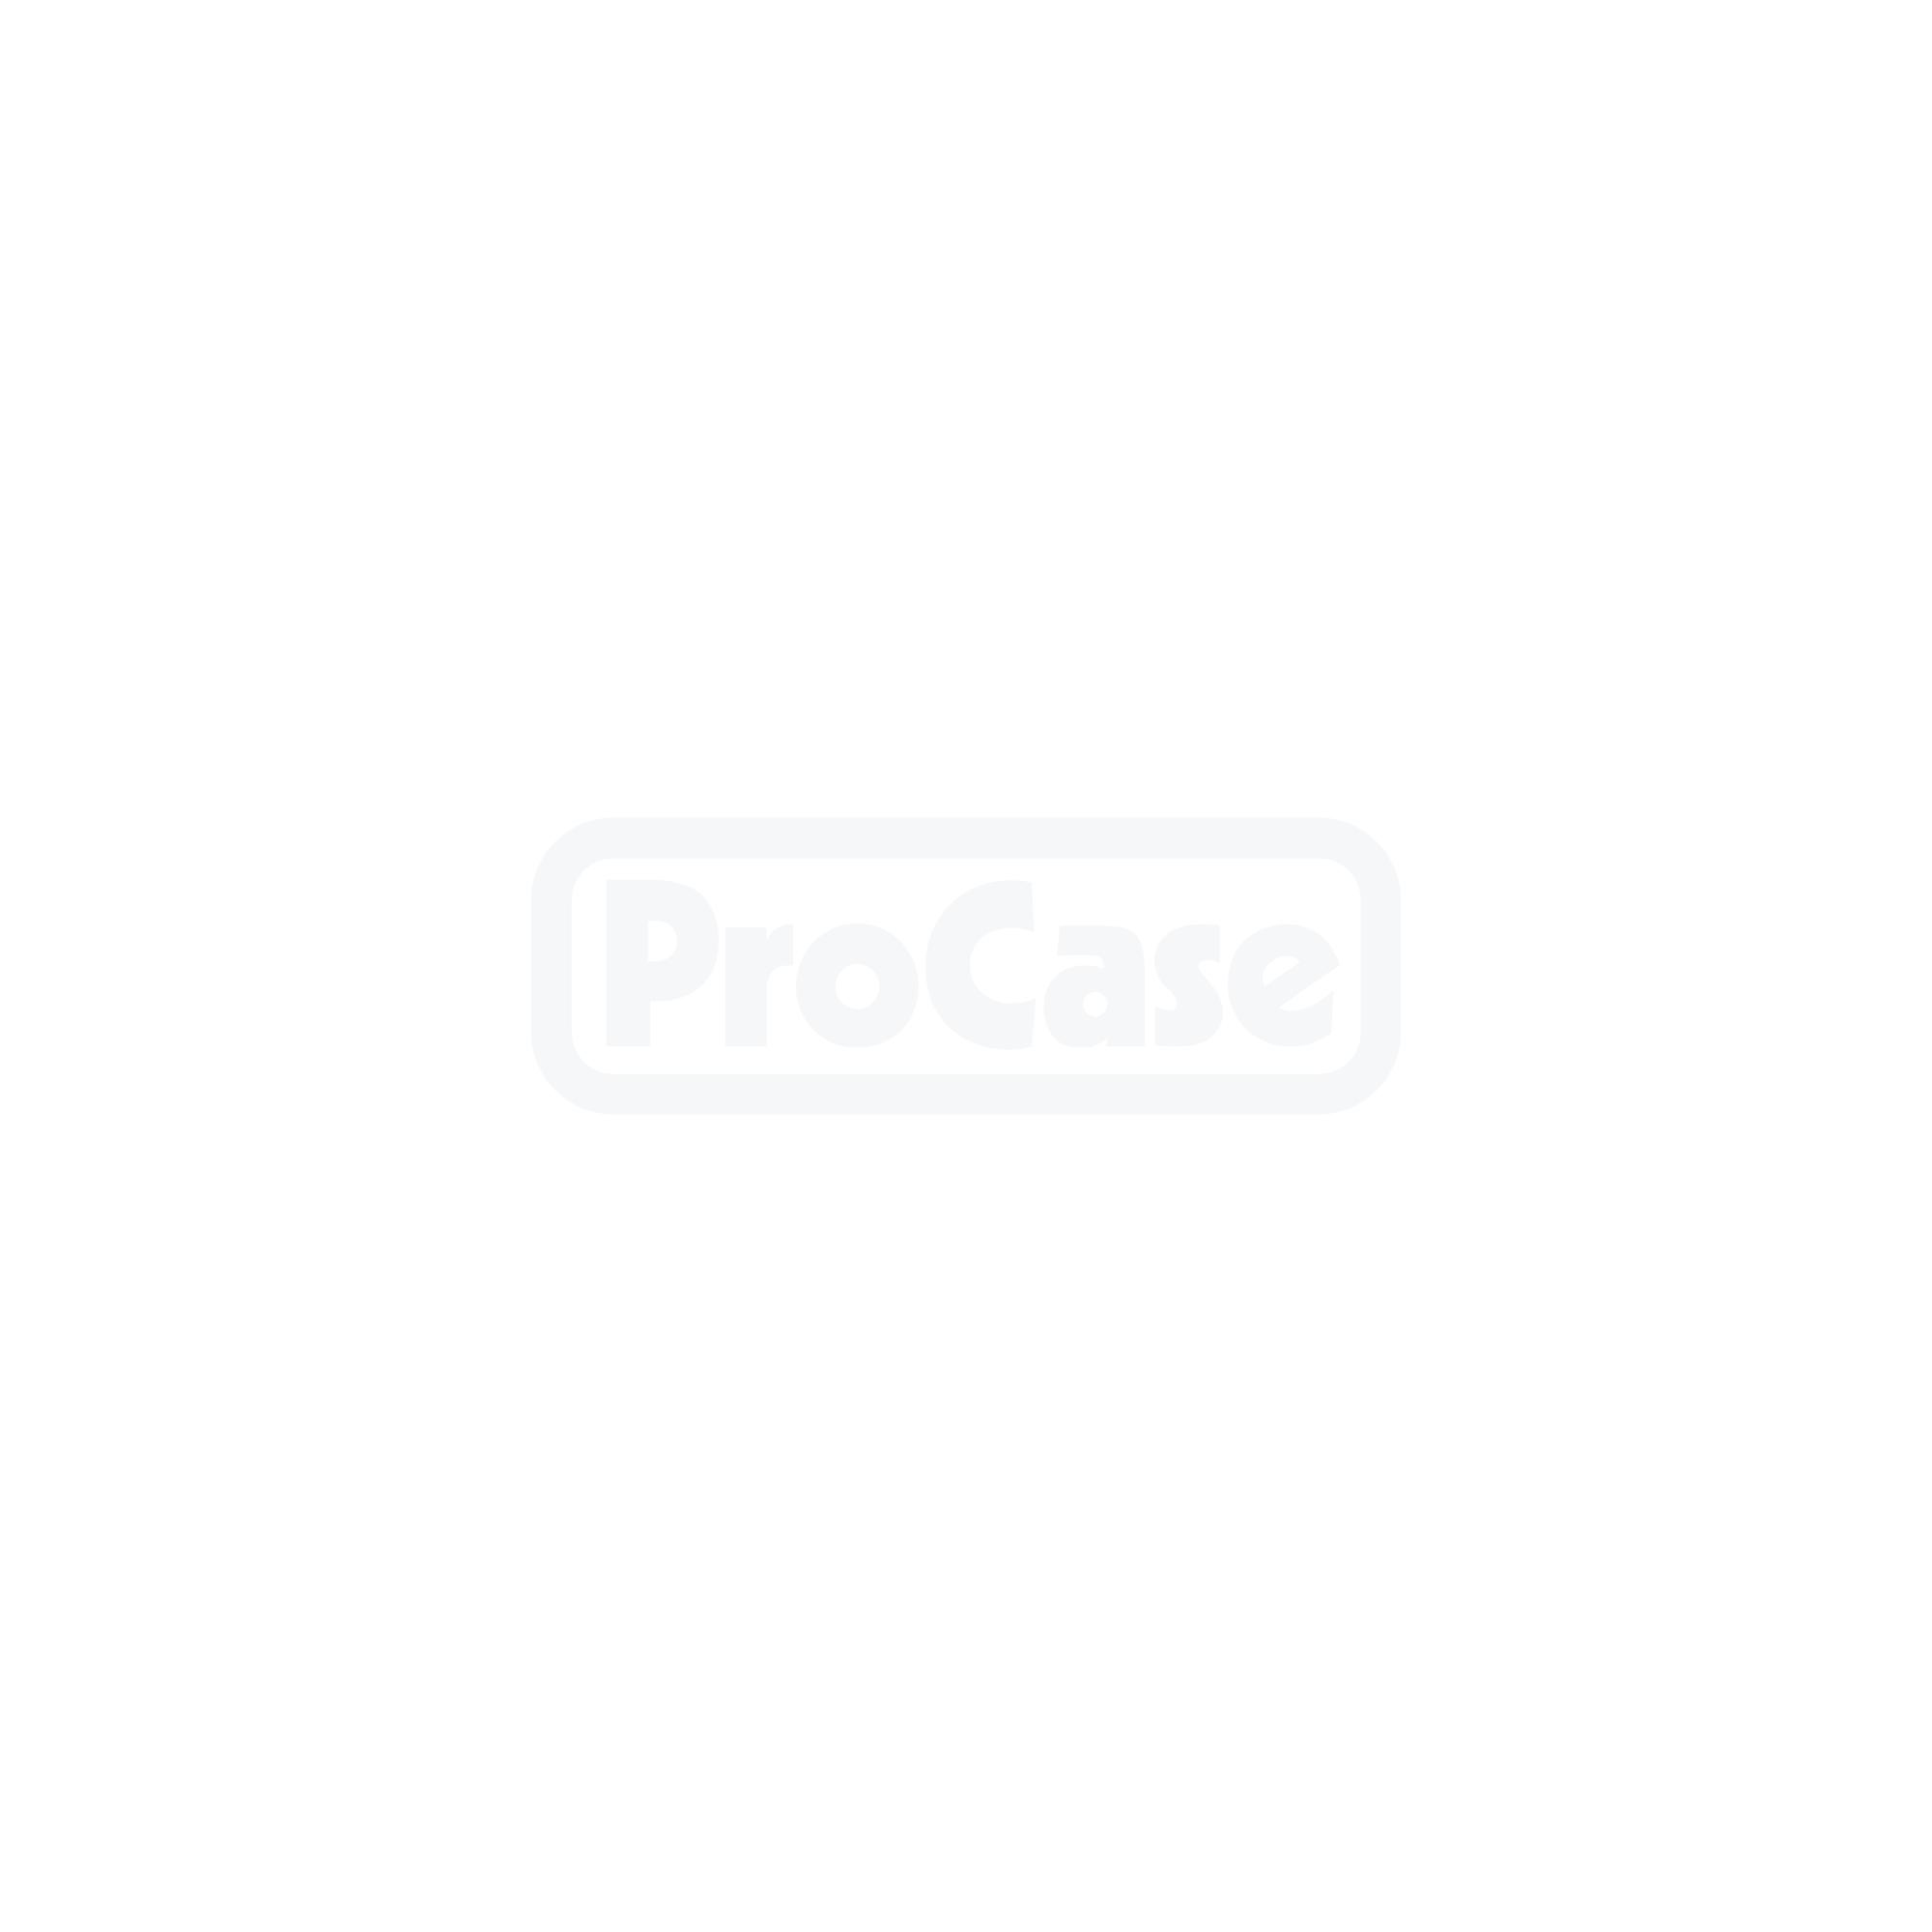 Flightcase für Chainmaster BGV-D8 1to 24m Kette